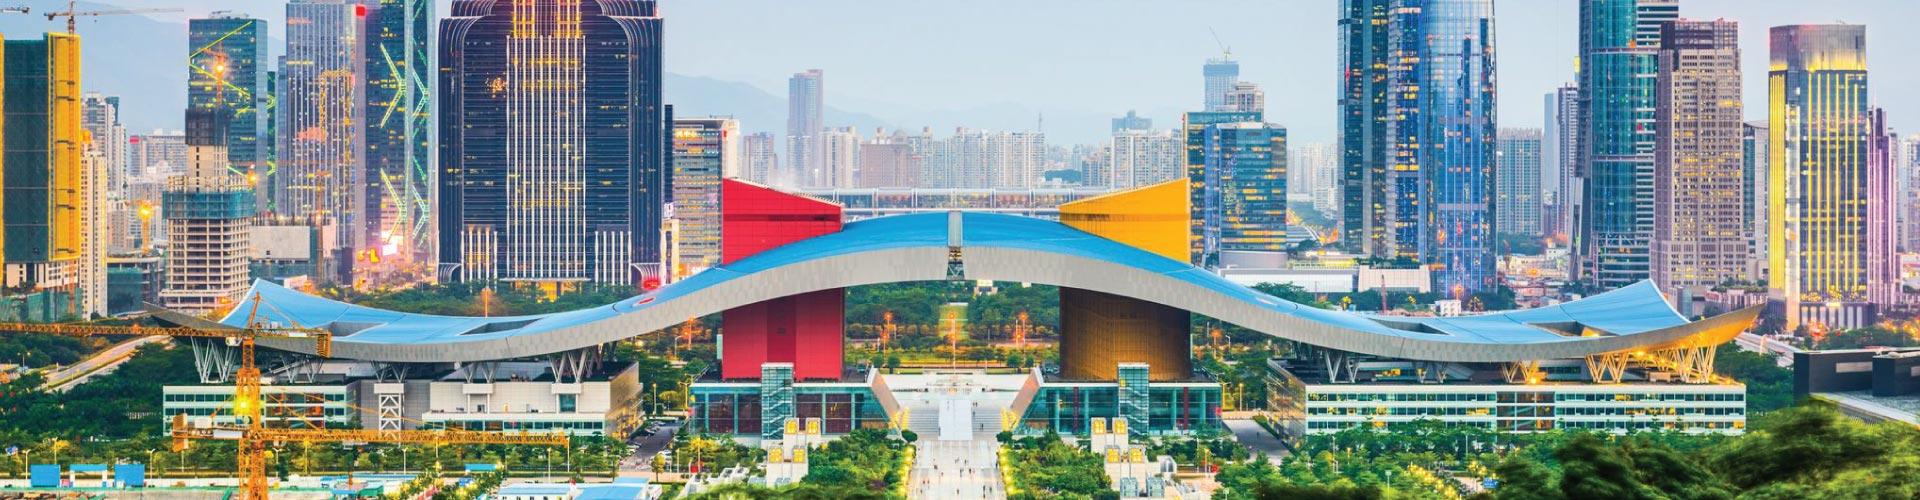 Hong Kong, Macau, Zhuhai, Shenzhen, Canton